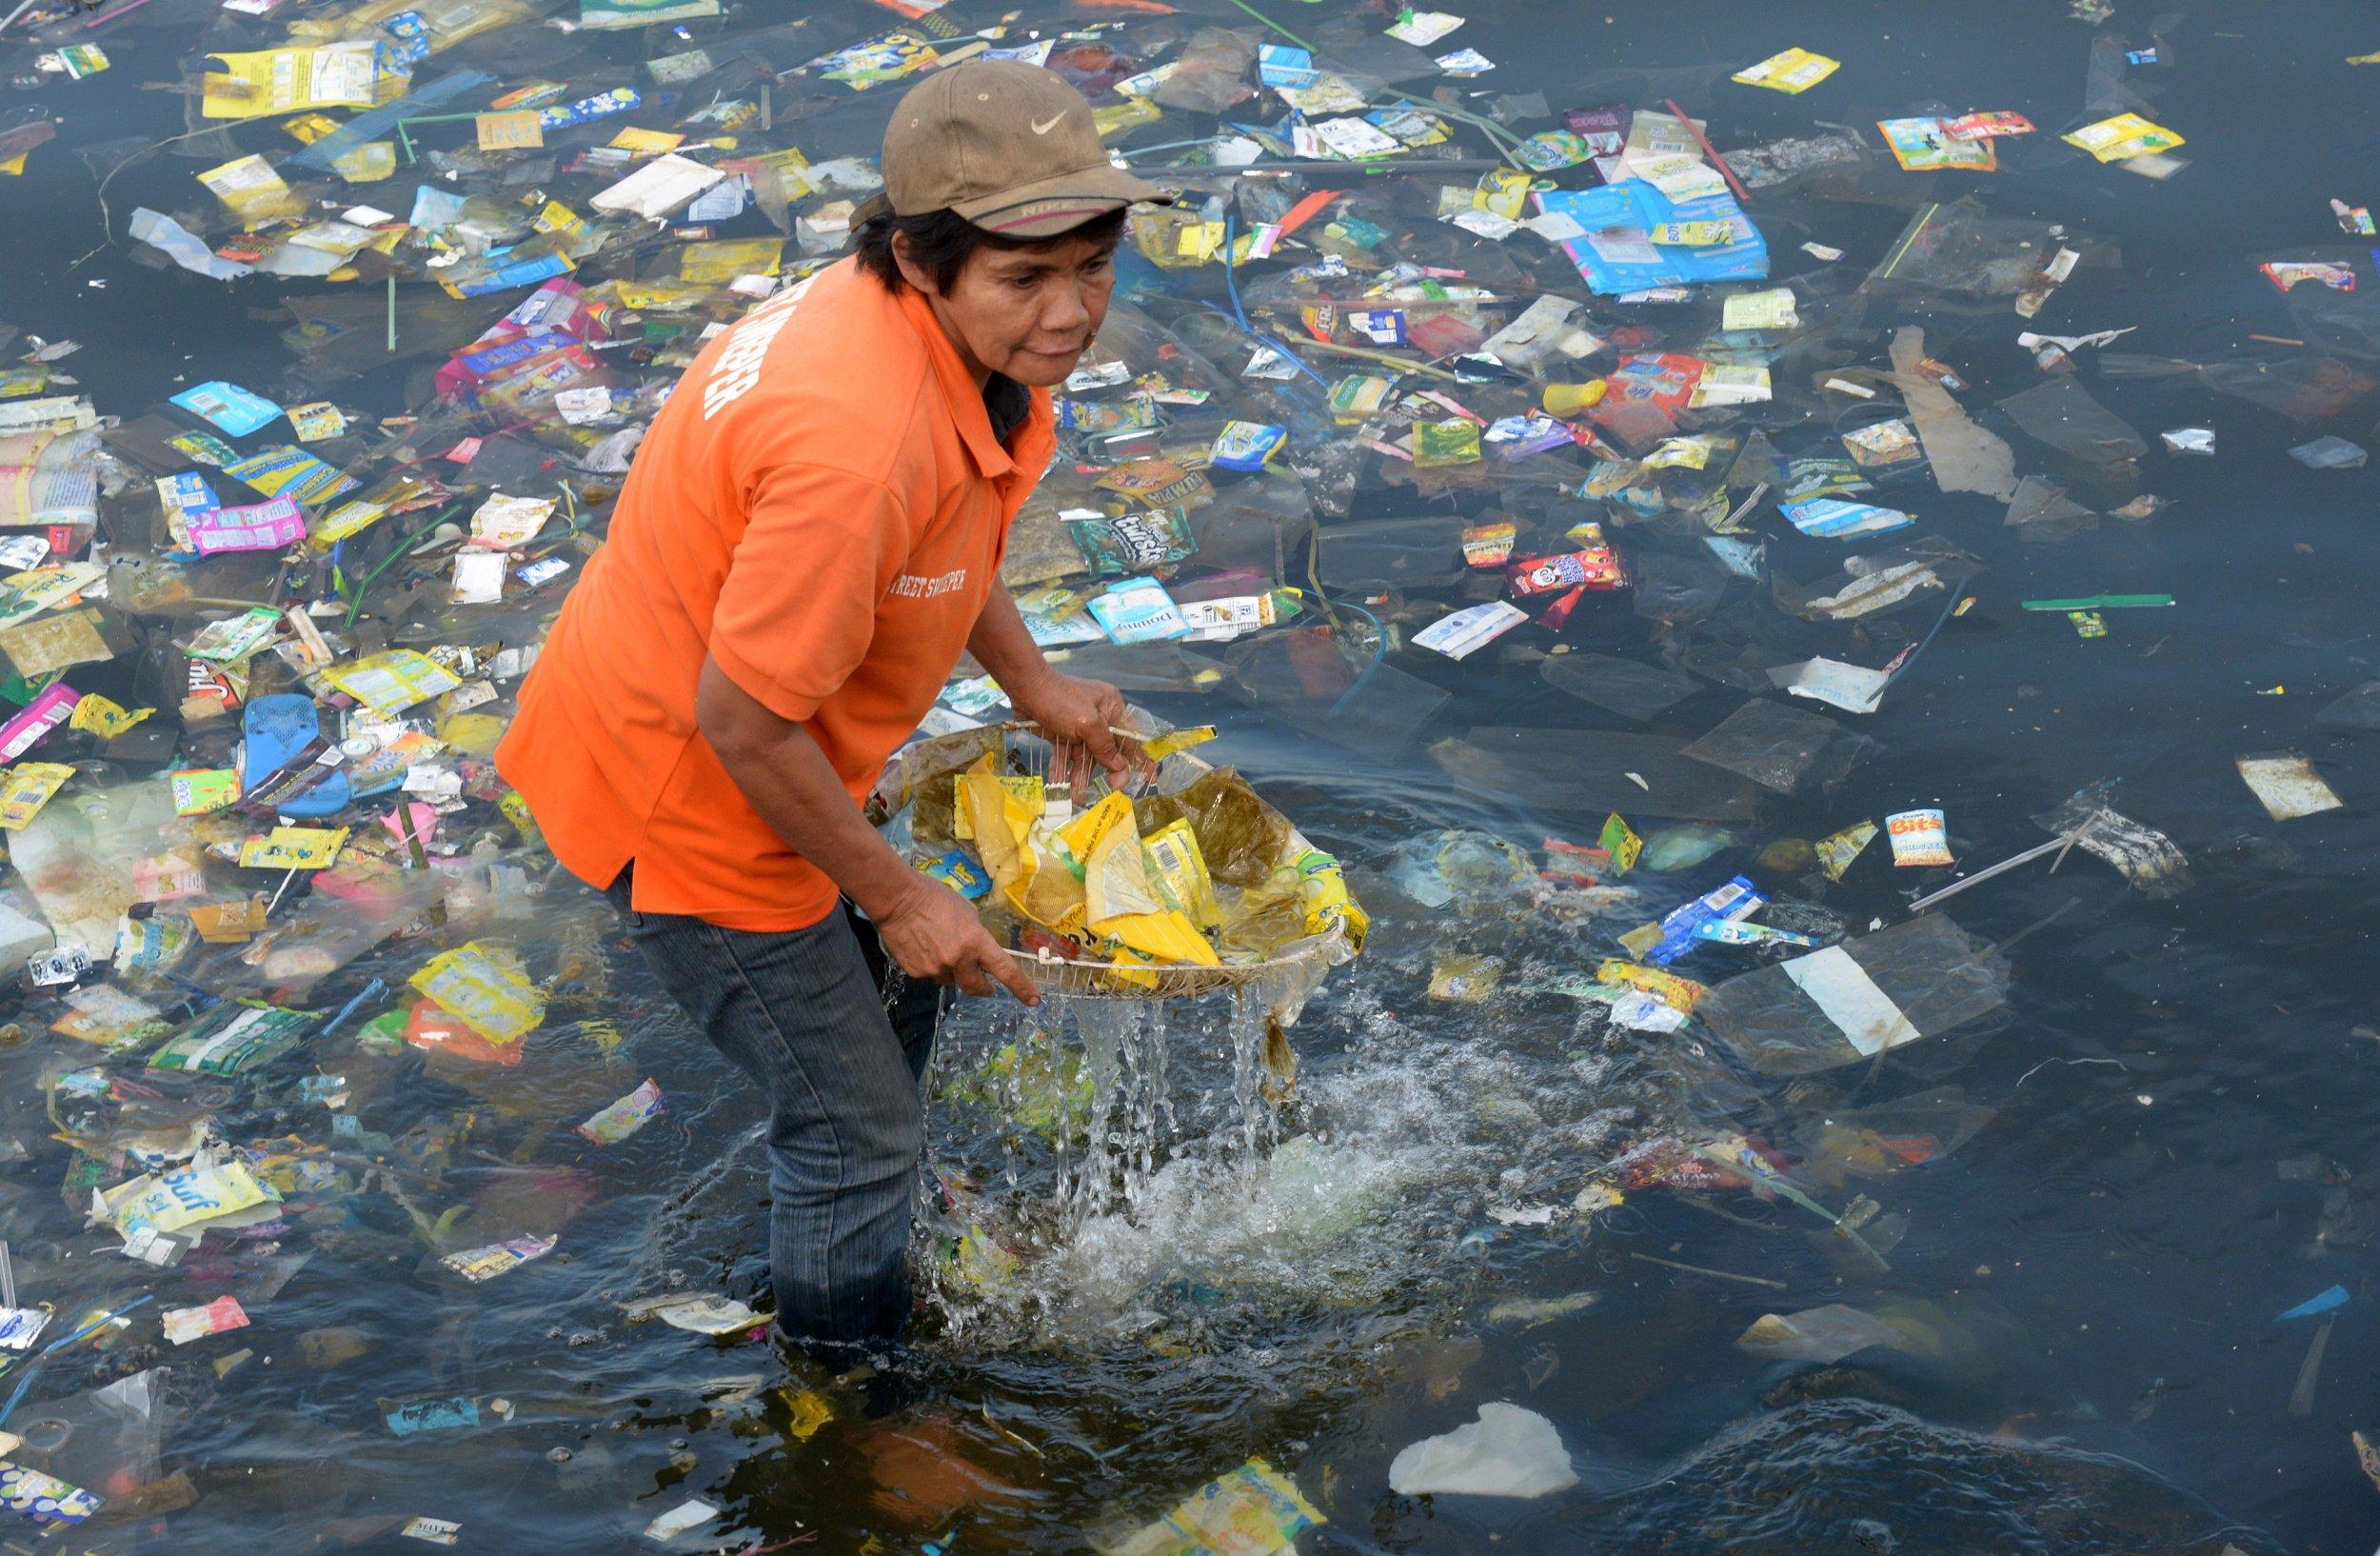 11_15_ocean_plastic_pollution